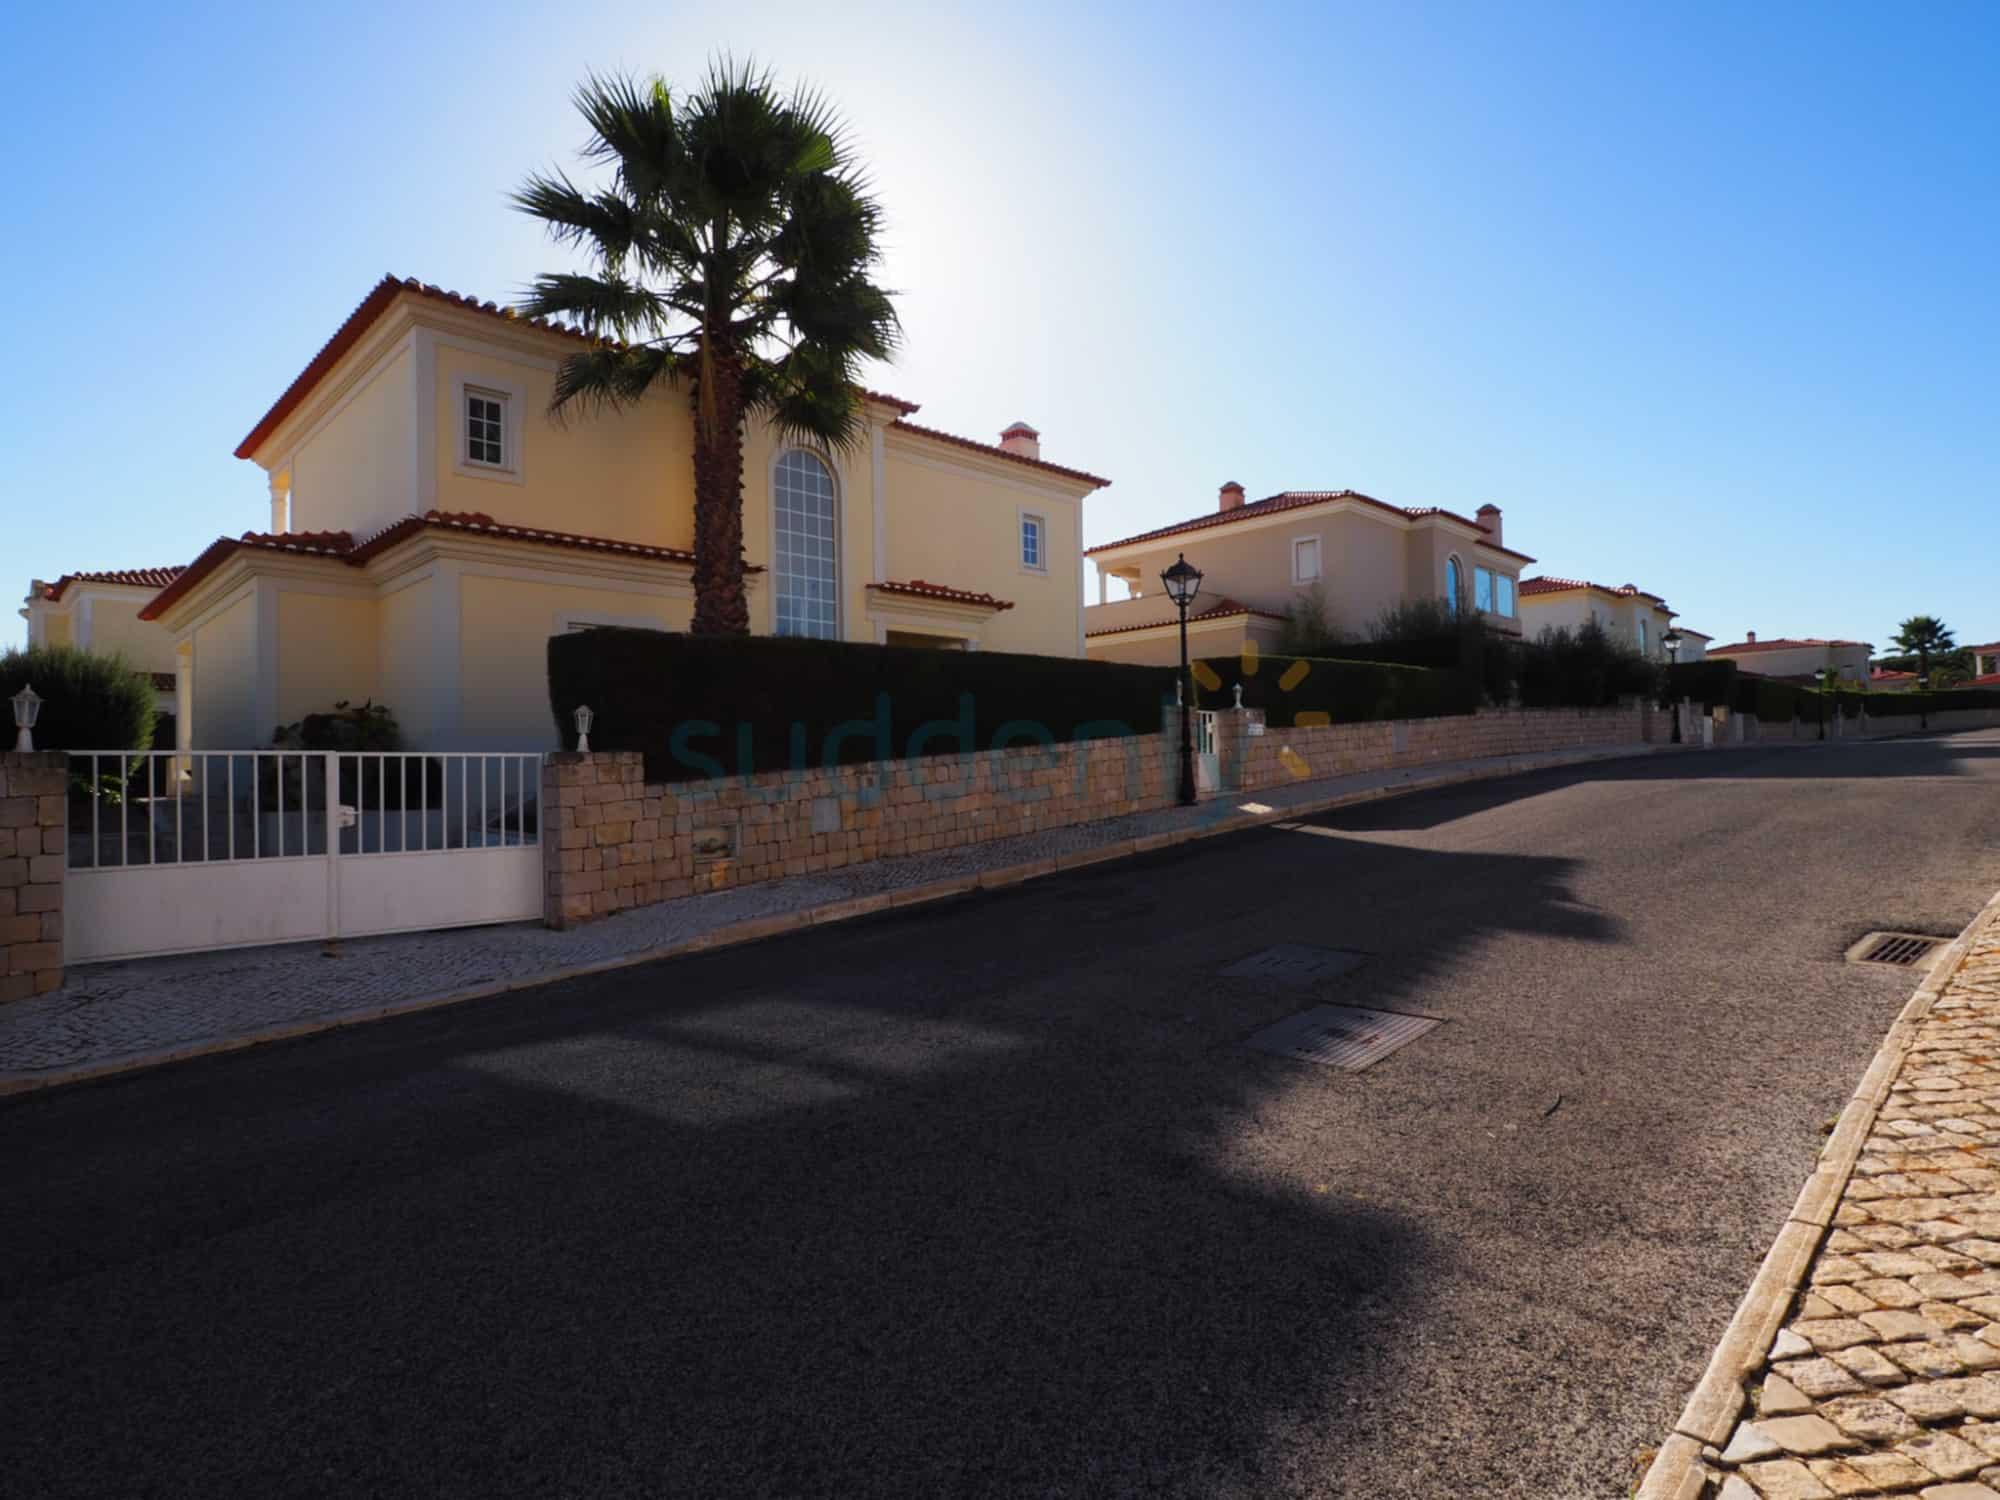 Holiday Rentals in Praia D'El Rey 50